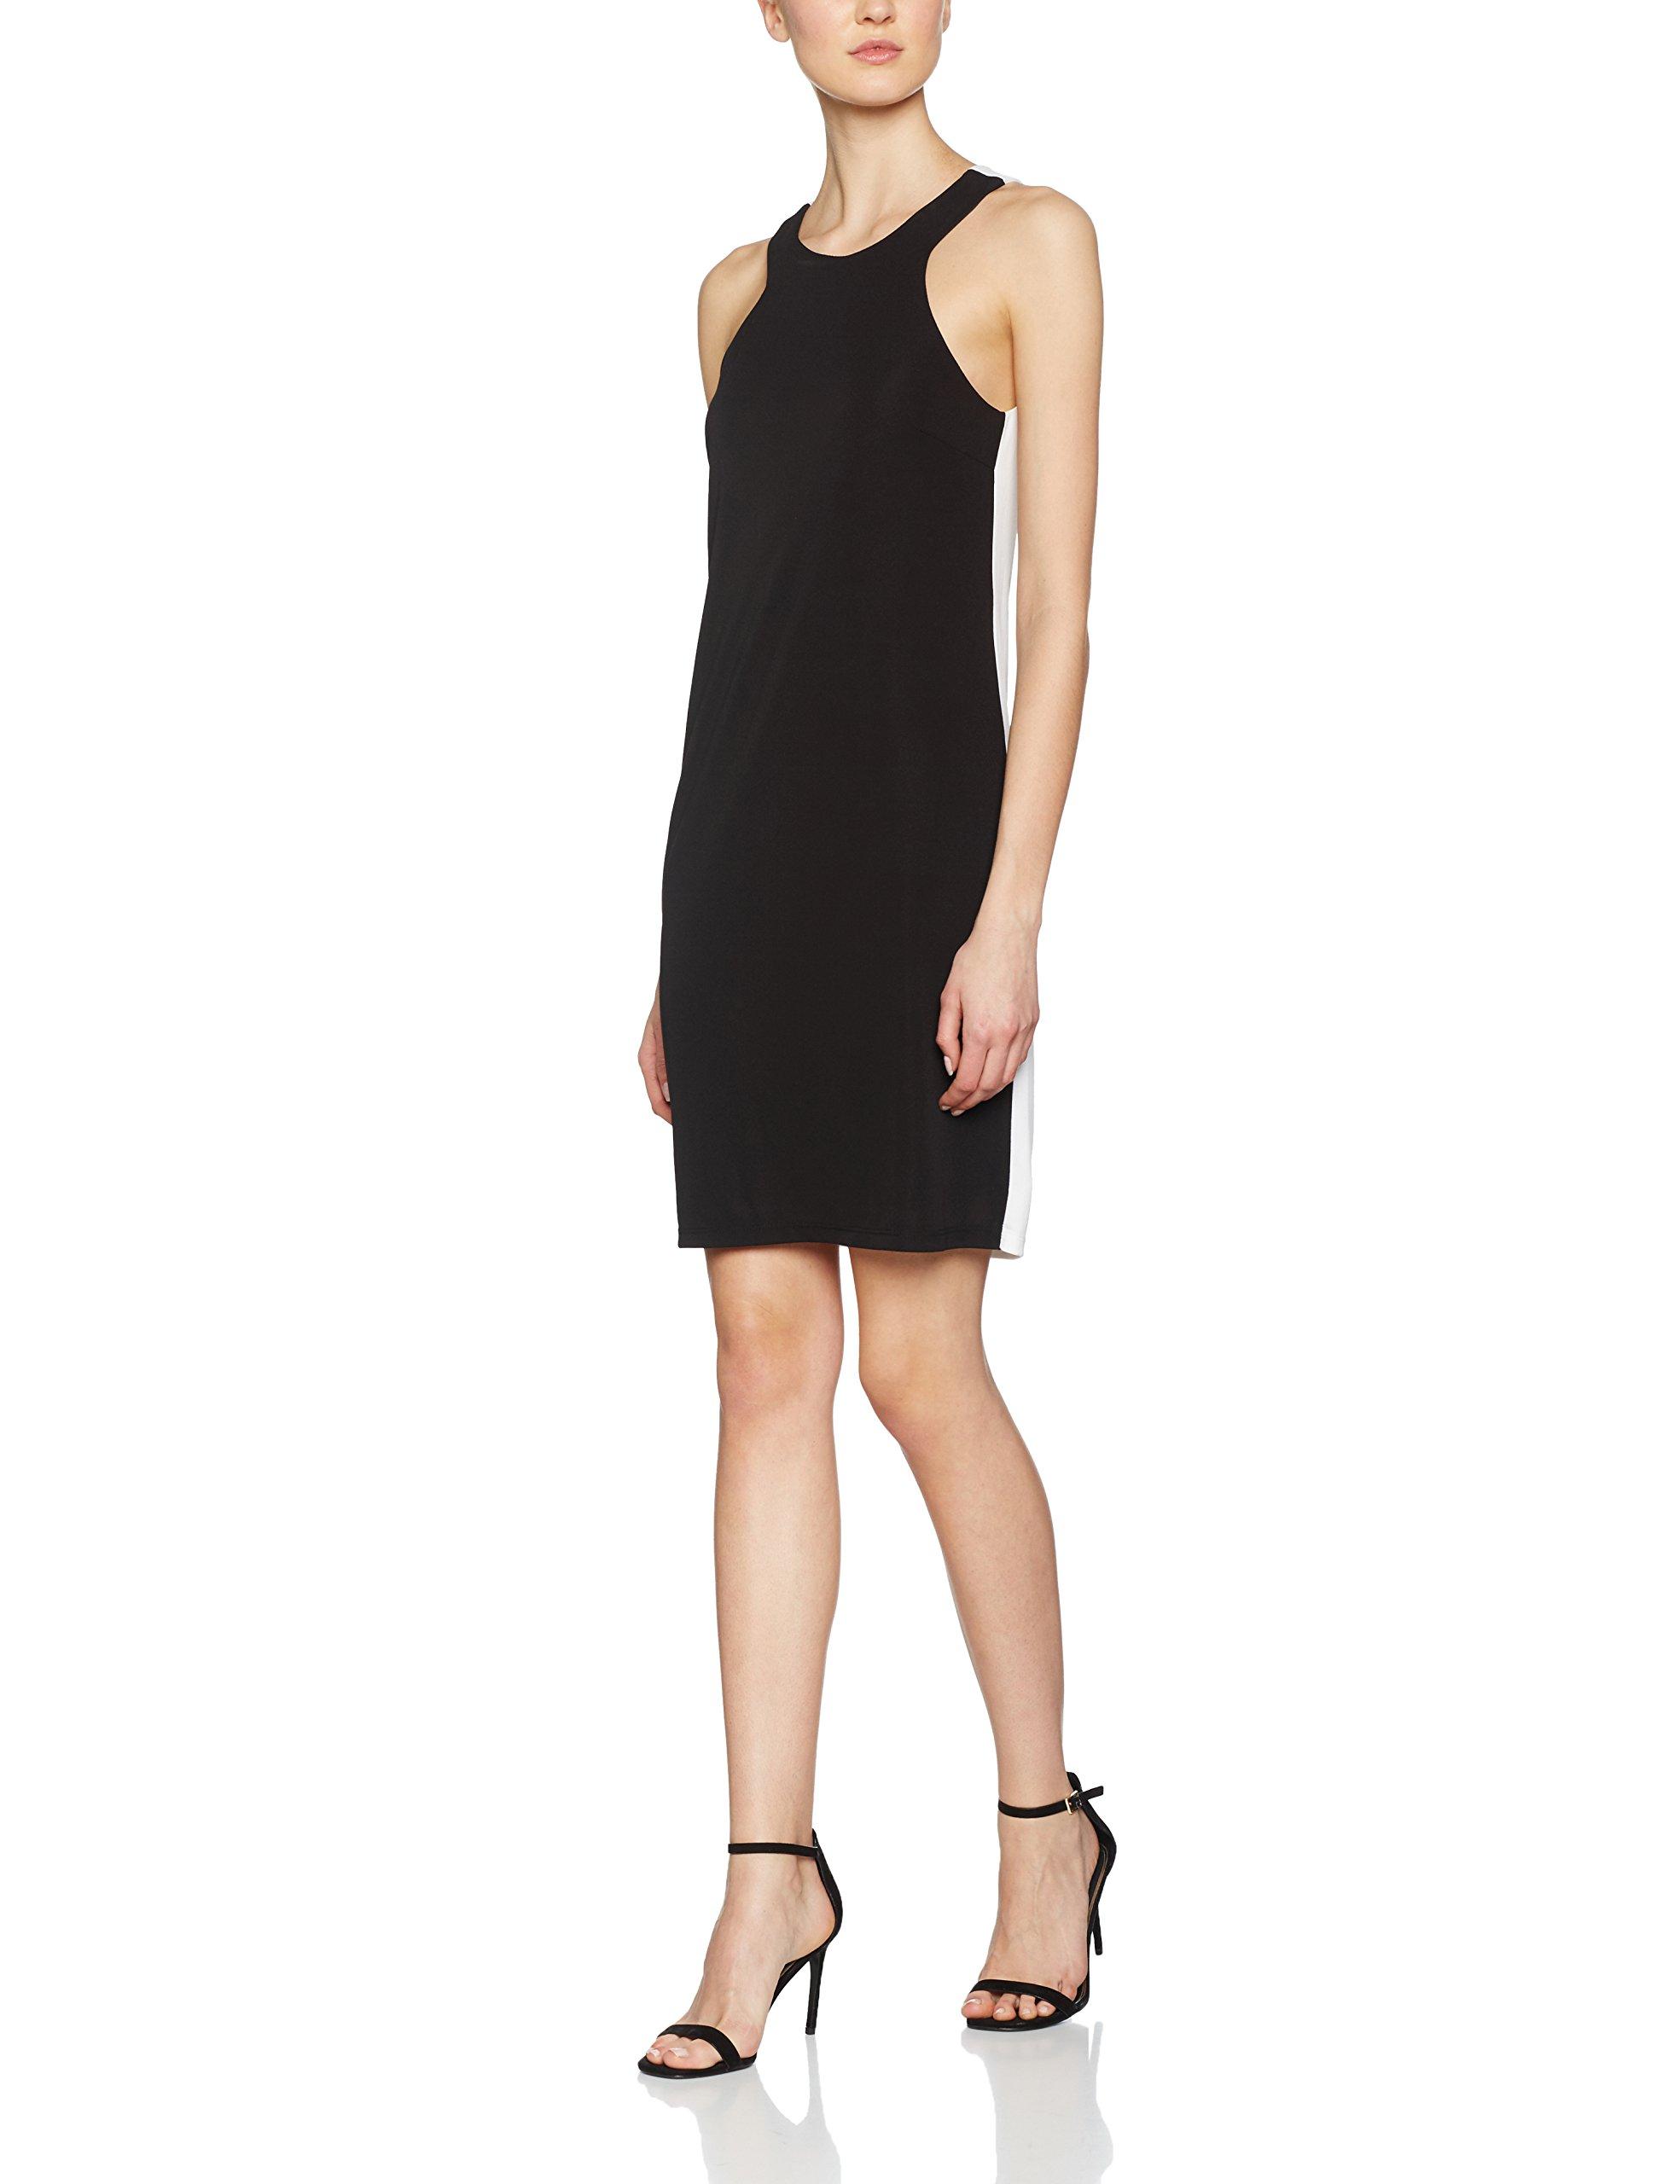 DécontractéeMulticoloreblanco negro Robe Femme Cuplé 17S 097205 SLUzVGMpq